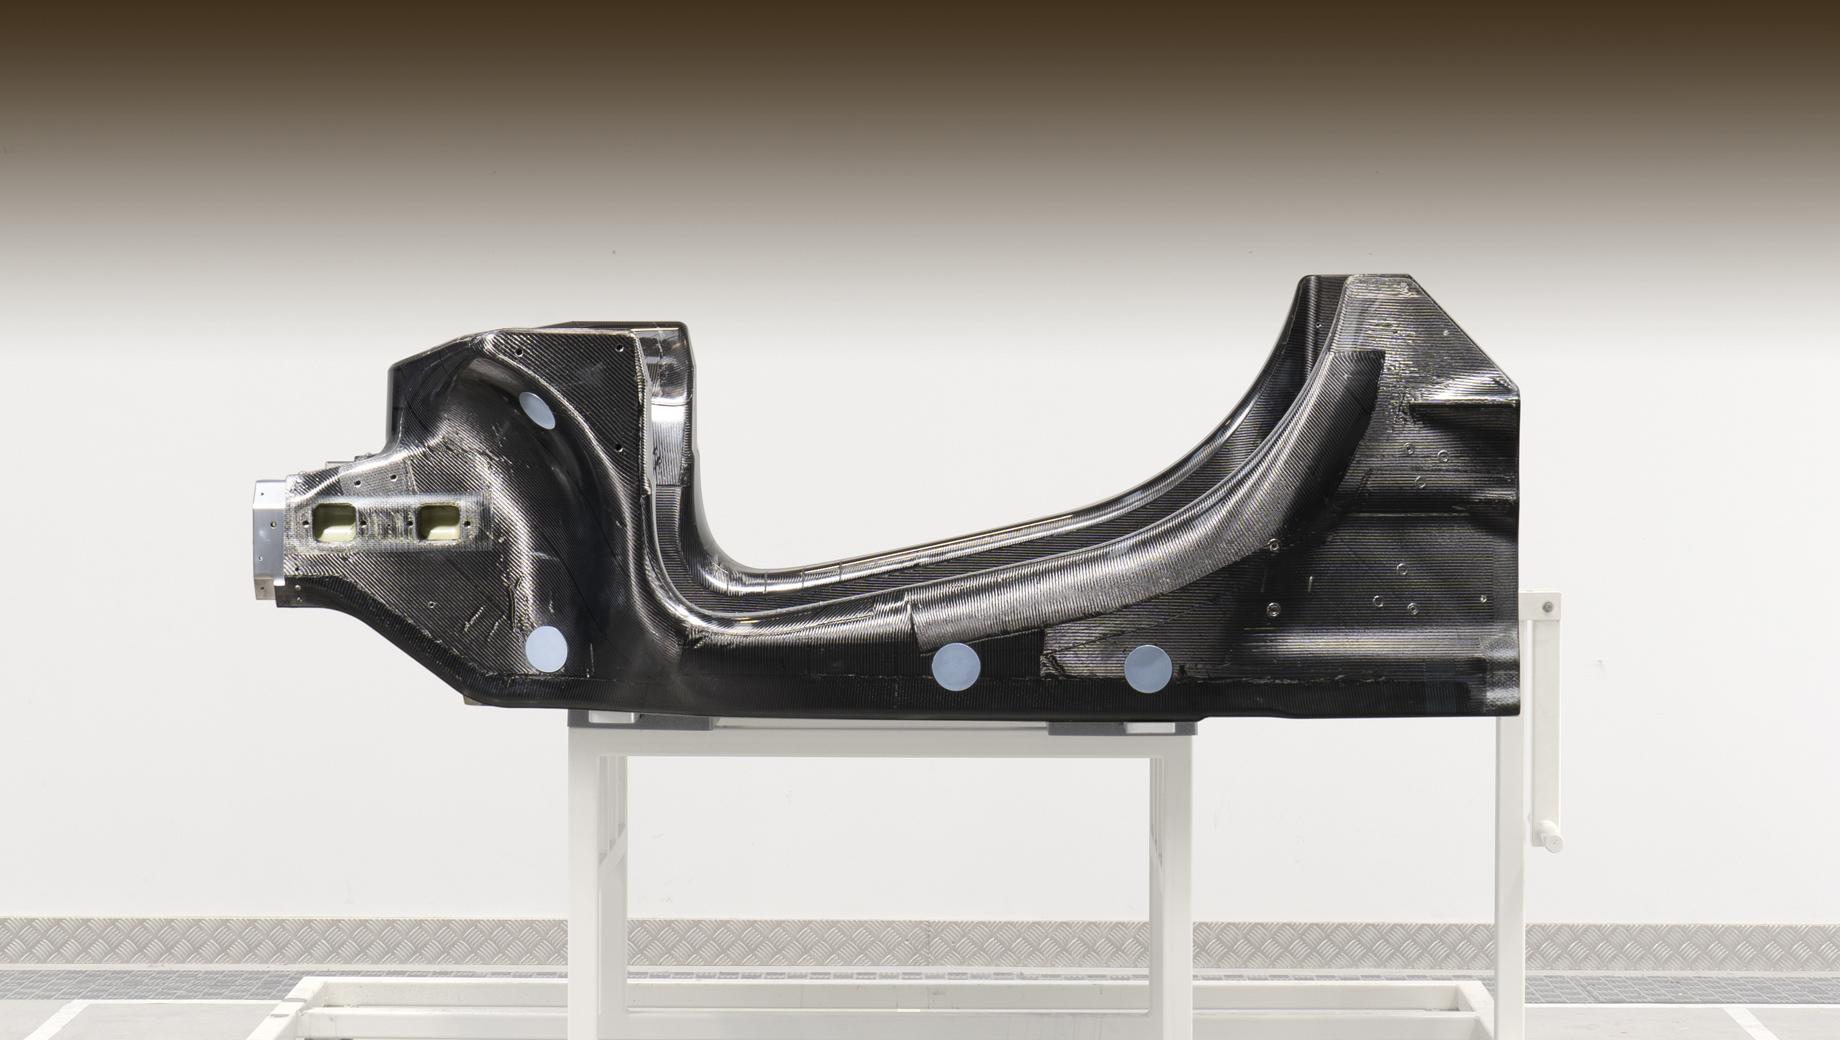 Фирма McLaren объявила о выходе гибрида в следующем году